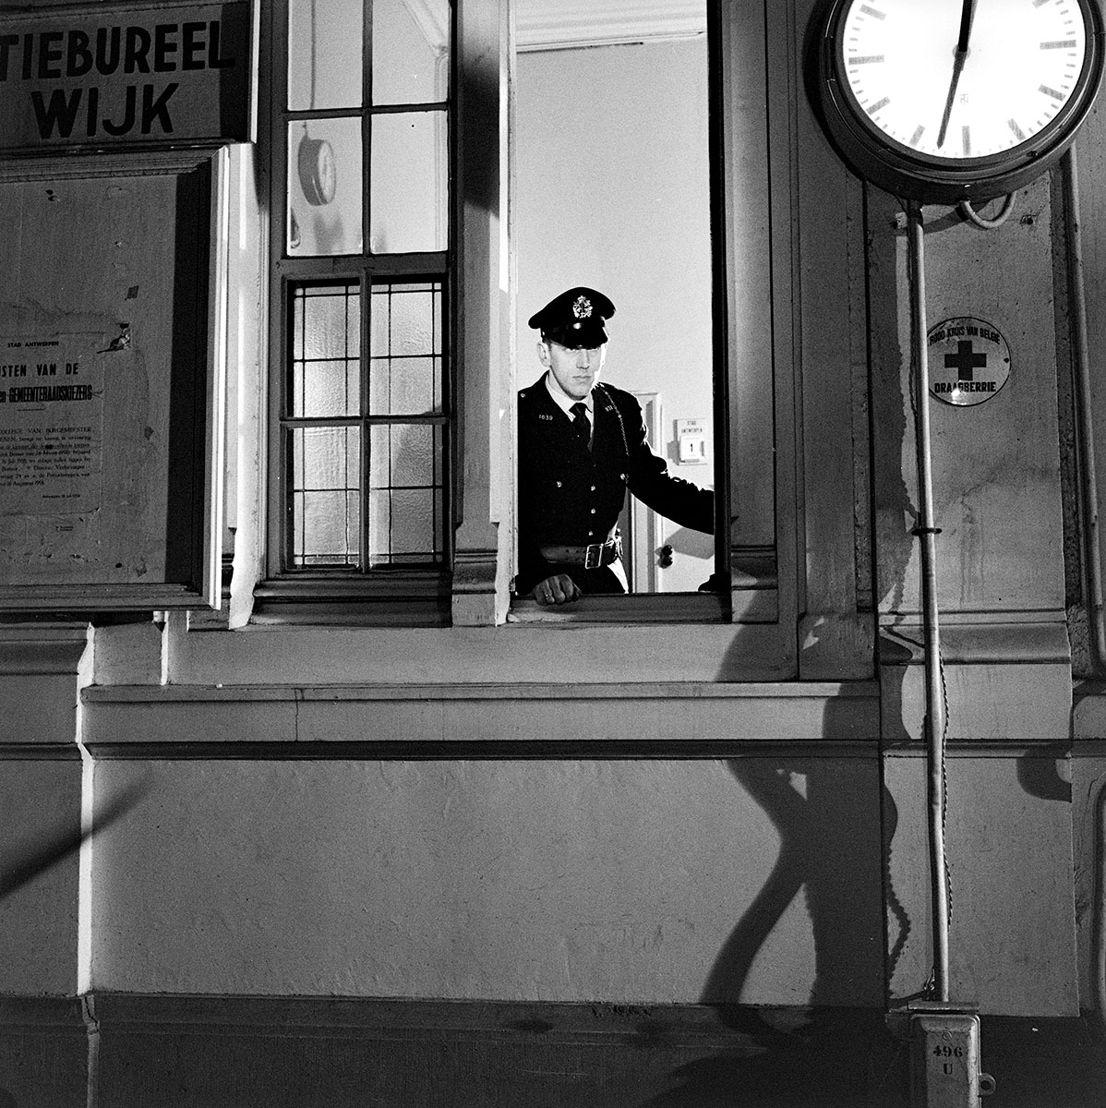 Collectie In Transit - Filip J. Tas (BE, 1911-1997), 1 van 12 filmstills uit La nuit des traqués van Bernard Rollin (FR), 1959, Moderne afdruk naar gedigitaliseerde negatieven uit het fonds Filip Tas (2018), inkjetprints